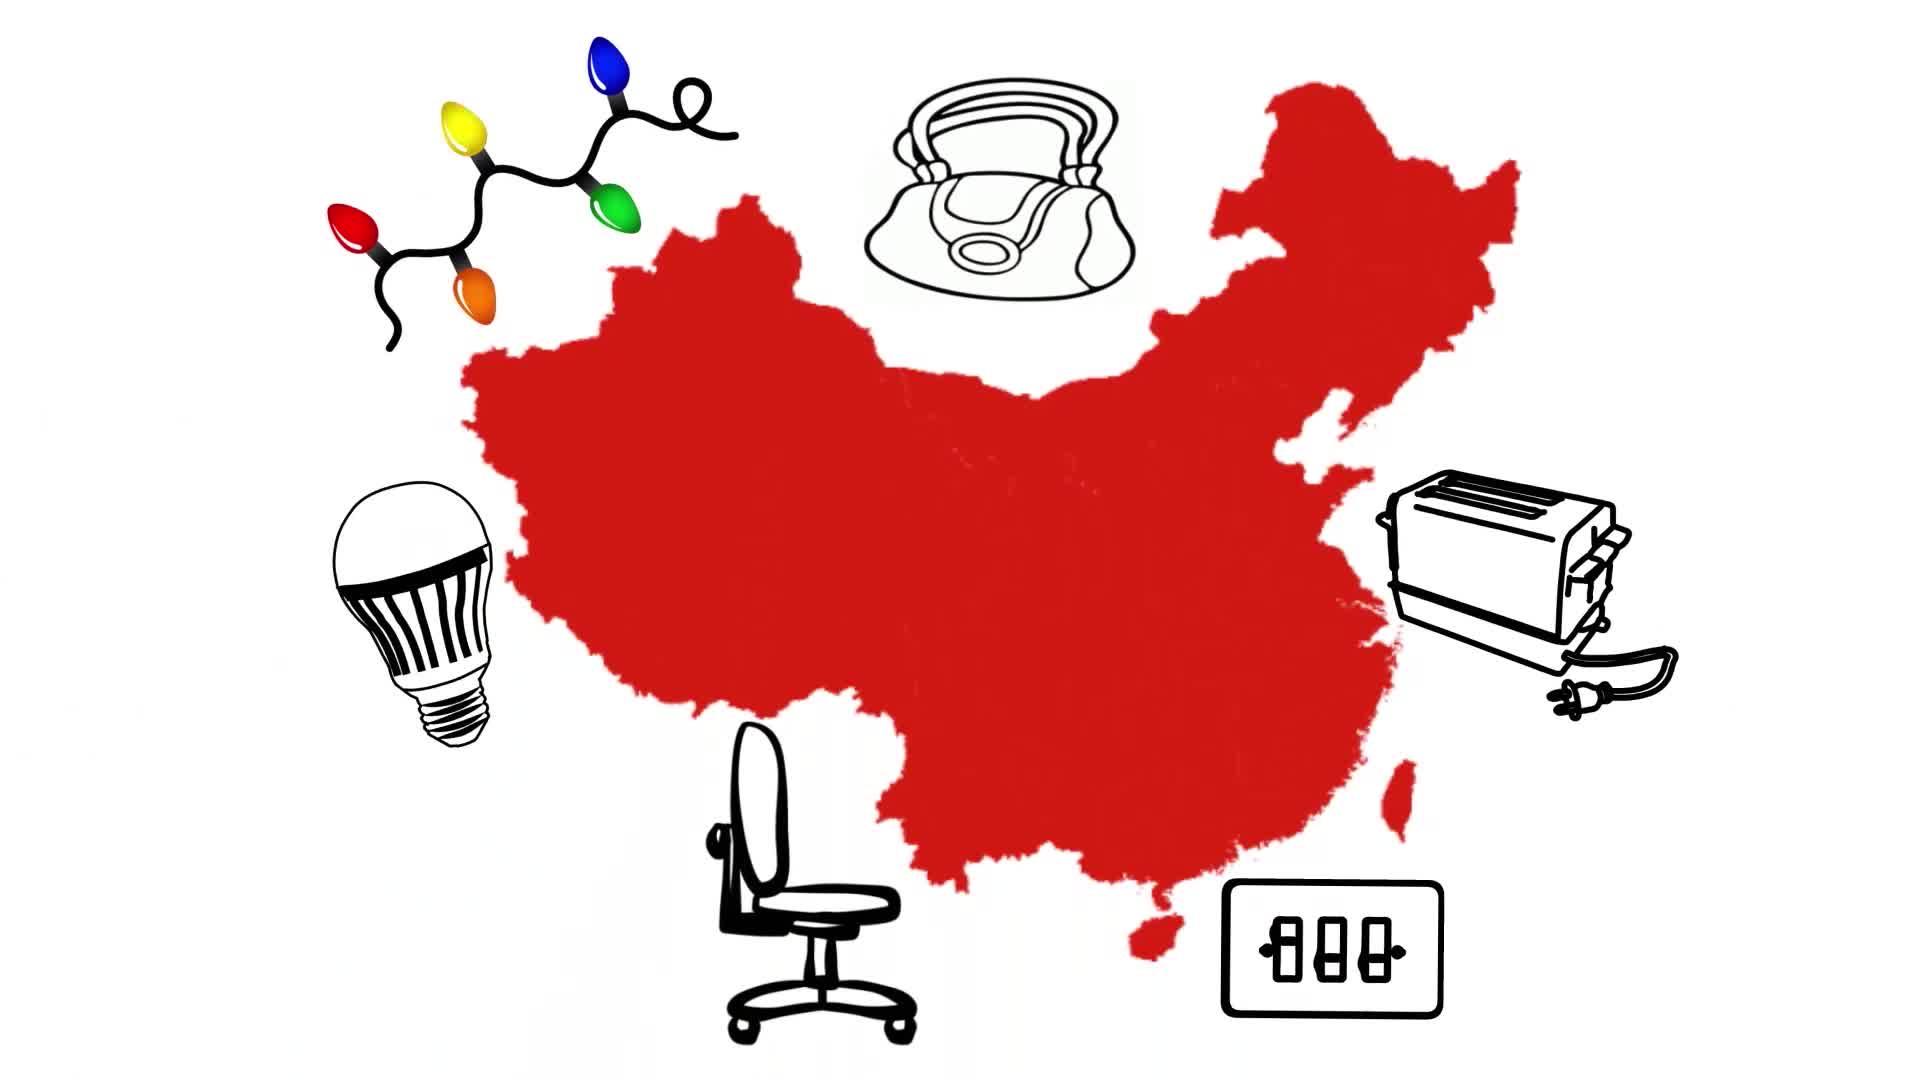 Агент Хэбэй осмотра Китая обеспечивающ обслуживание проверки качества